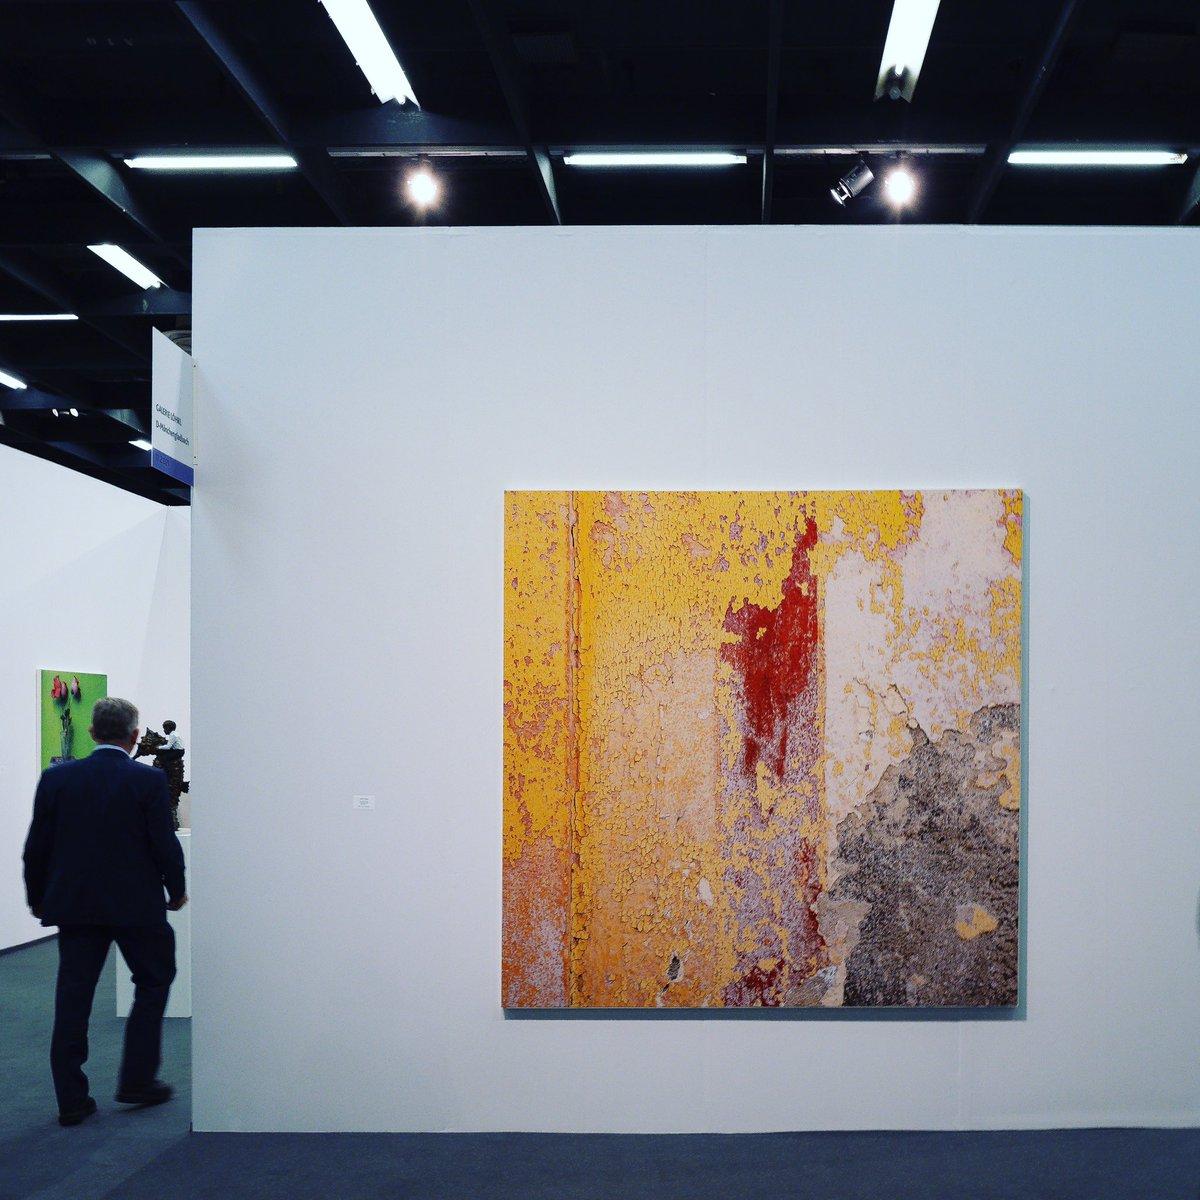 Dieter Nuhr On Twitter Meine Fotos Auf Der Art Cologne Galerie Lohrl